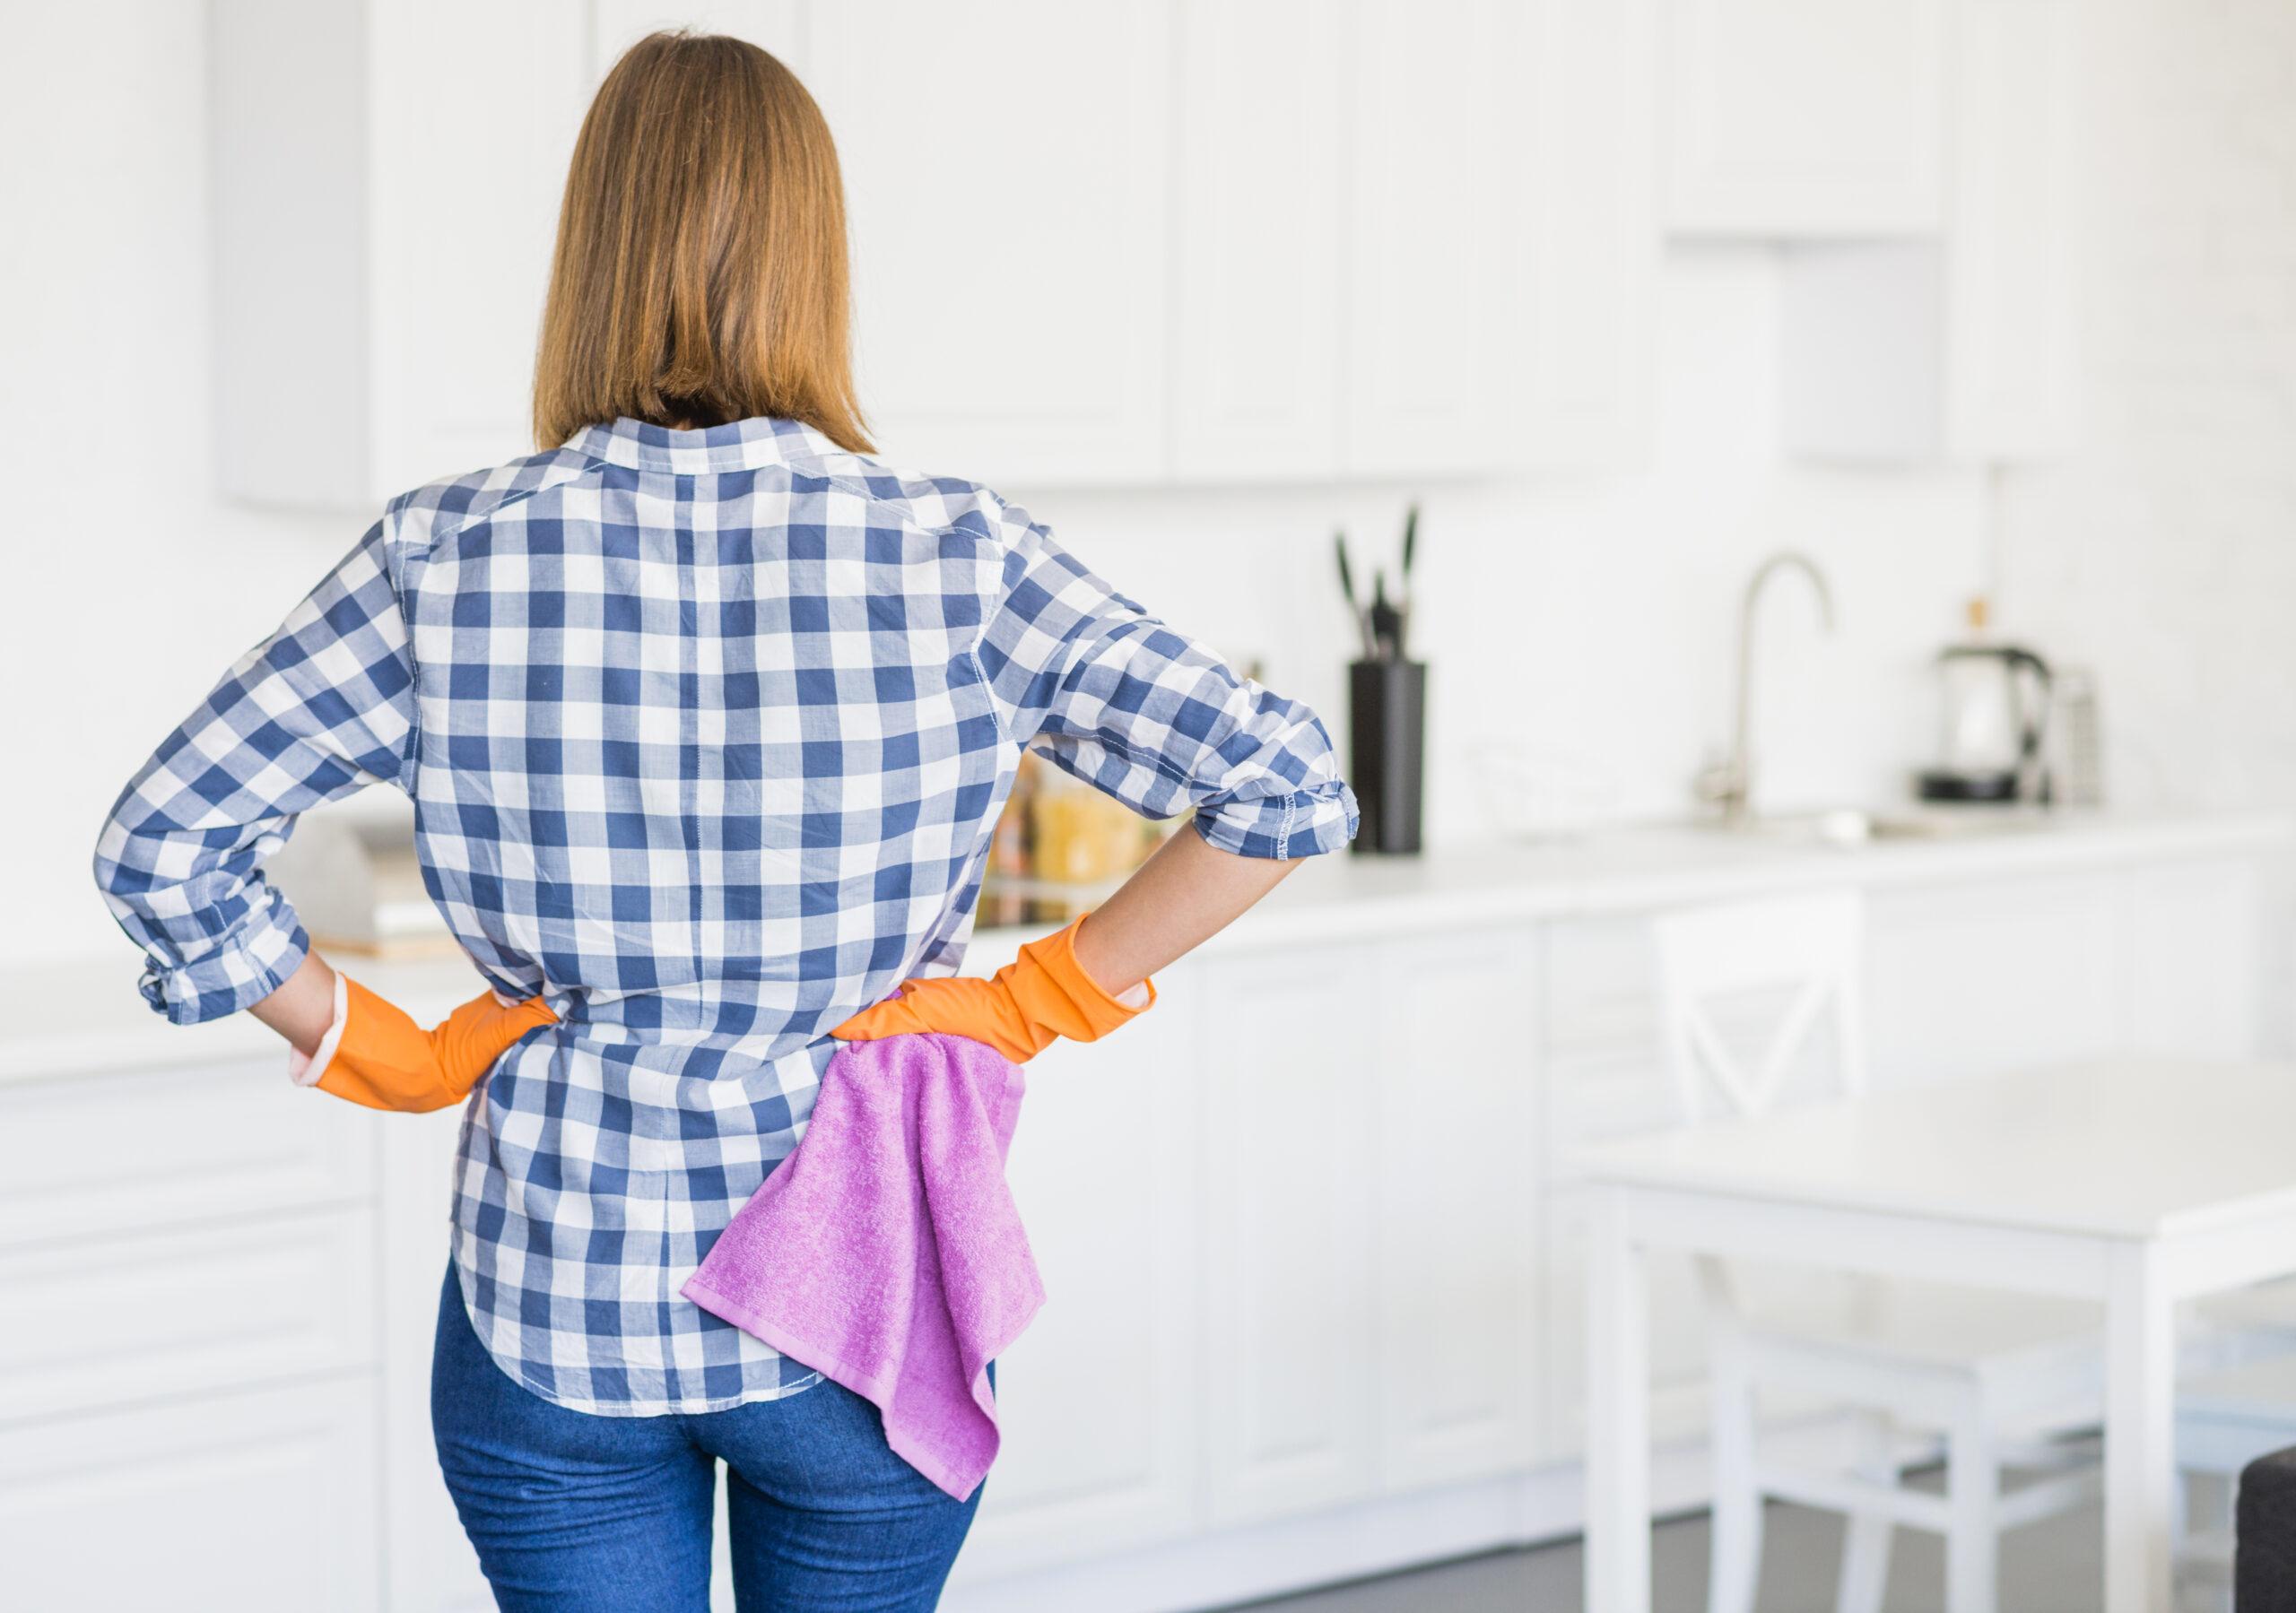 5 dicas caseiras para limpeza de estofados e tapetes